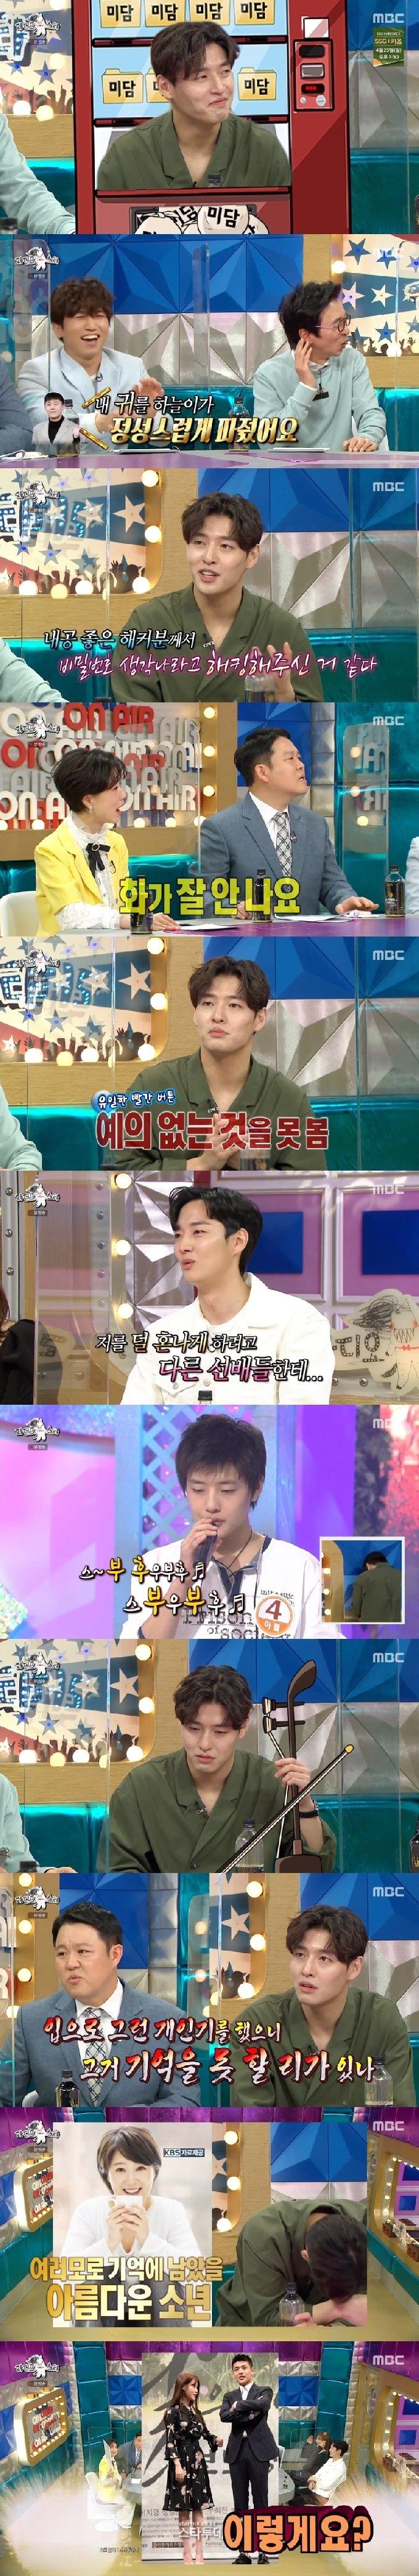 MBC '라디오스타' 캡처 © 뉴스1